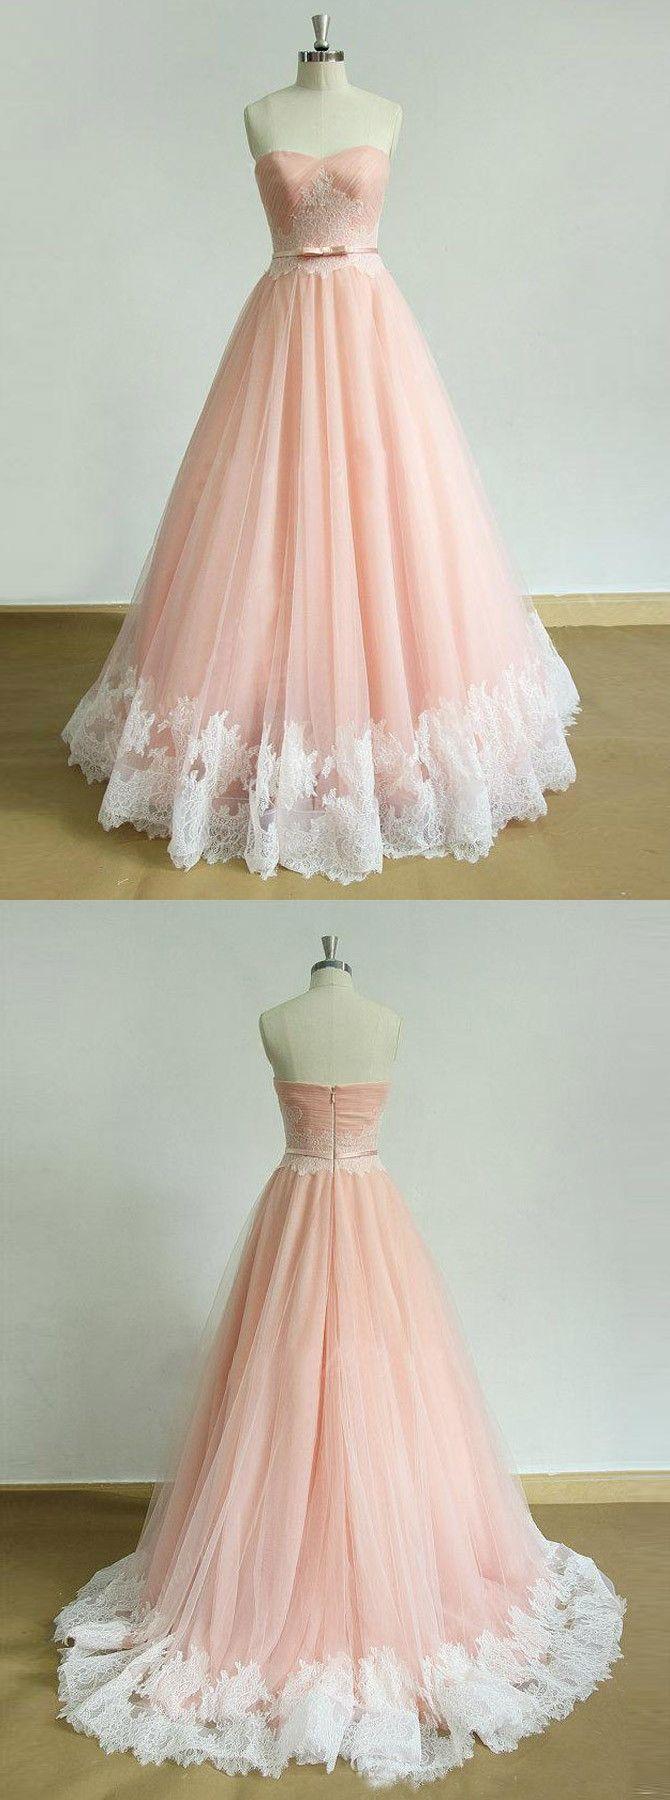 pink prom dress 2017 prom dress long prom dress